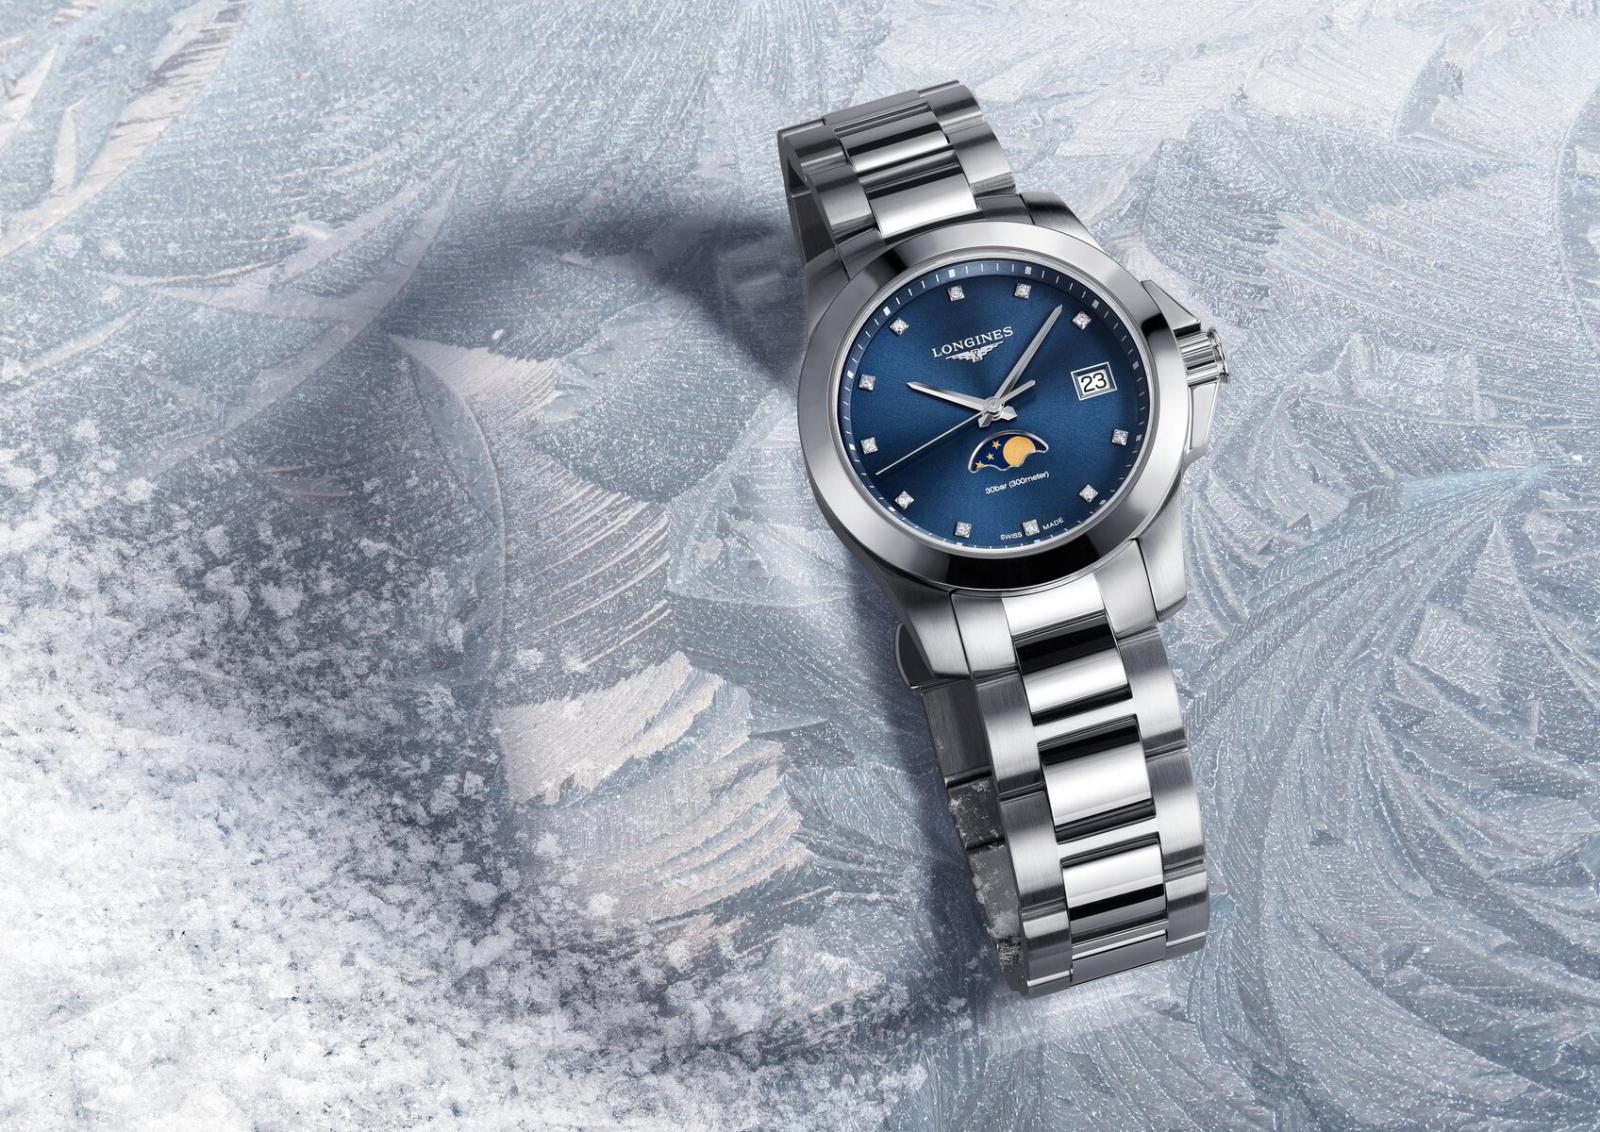 đồng hồ nữ longines conquest cao cấp chính hãng